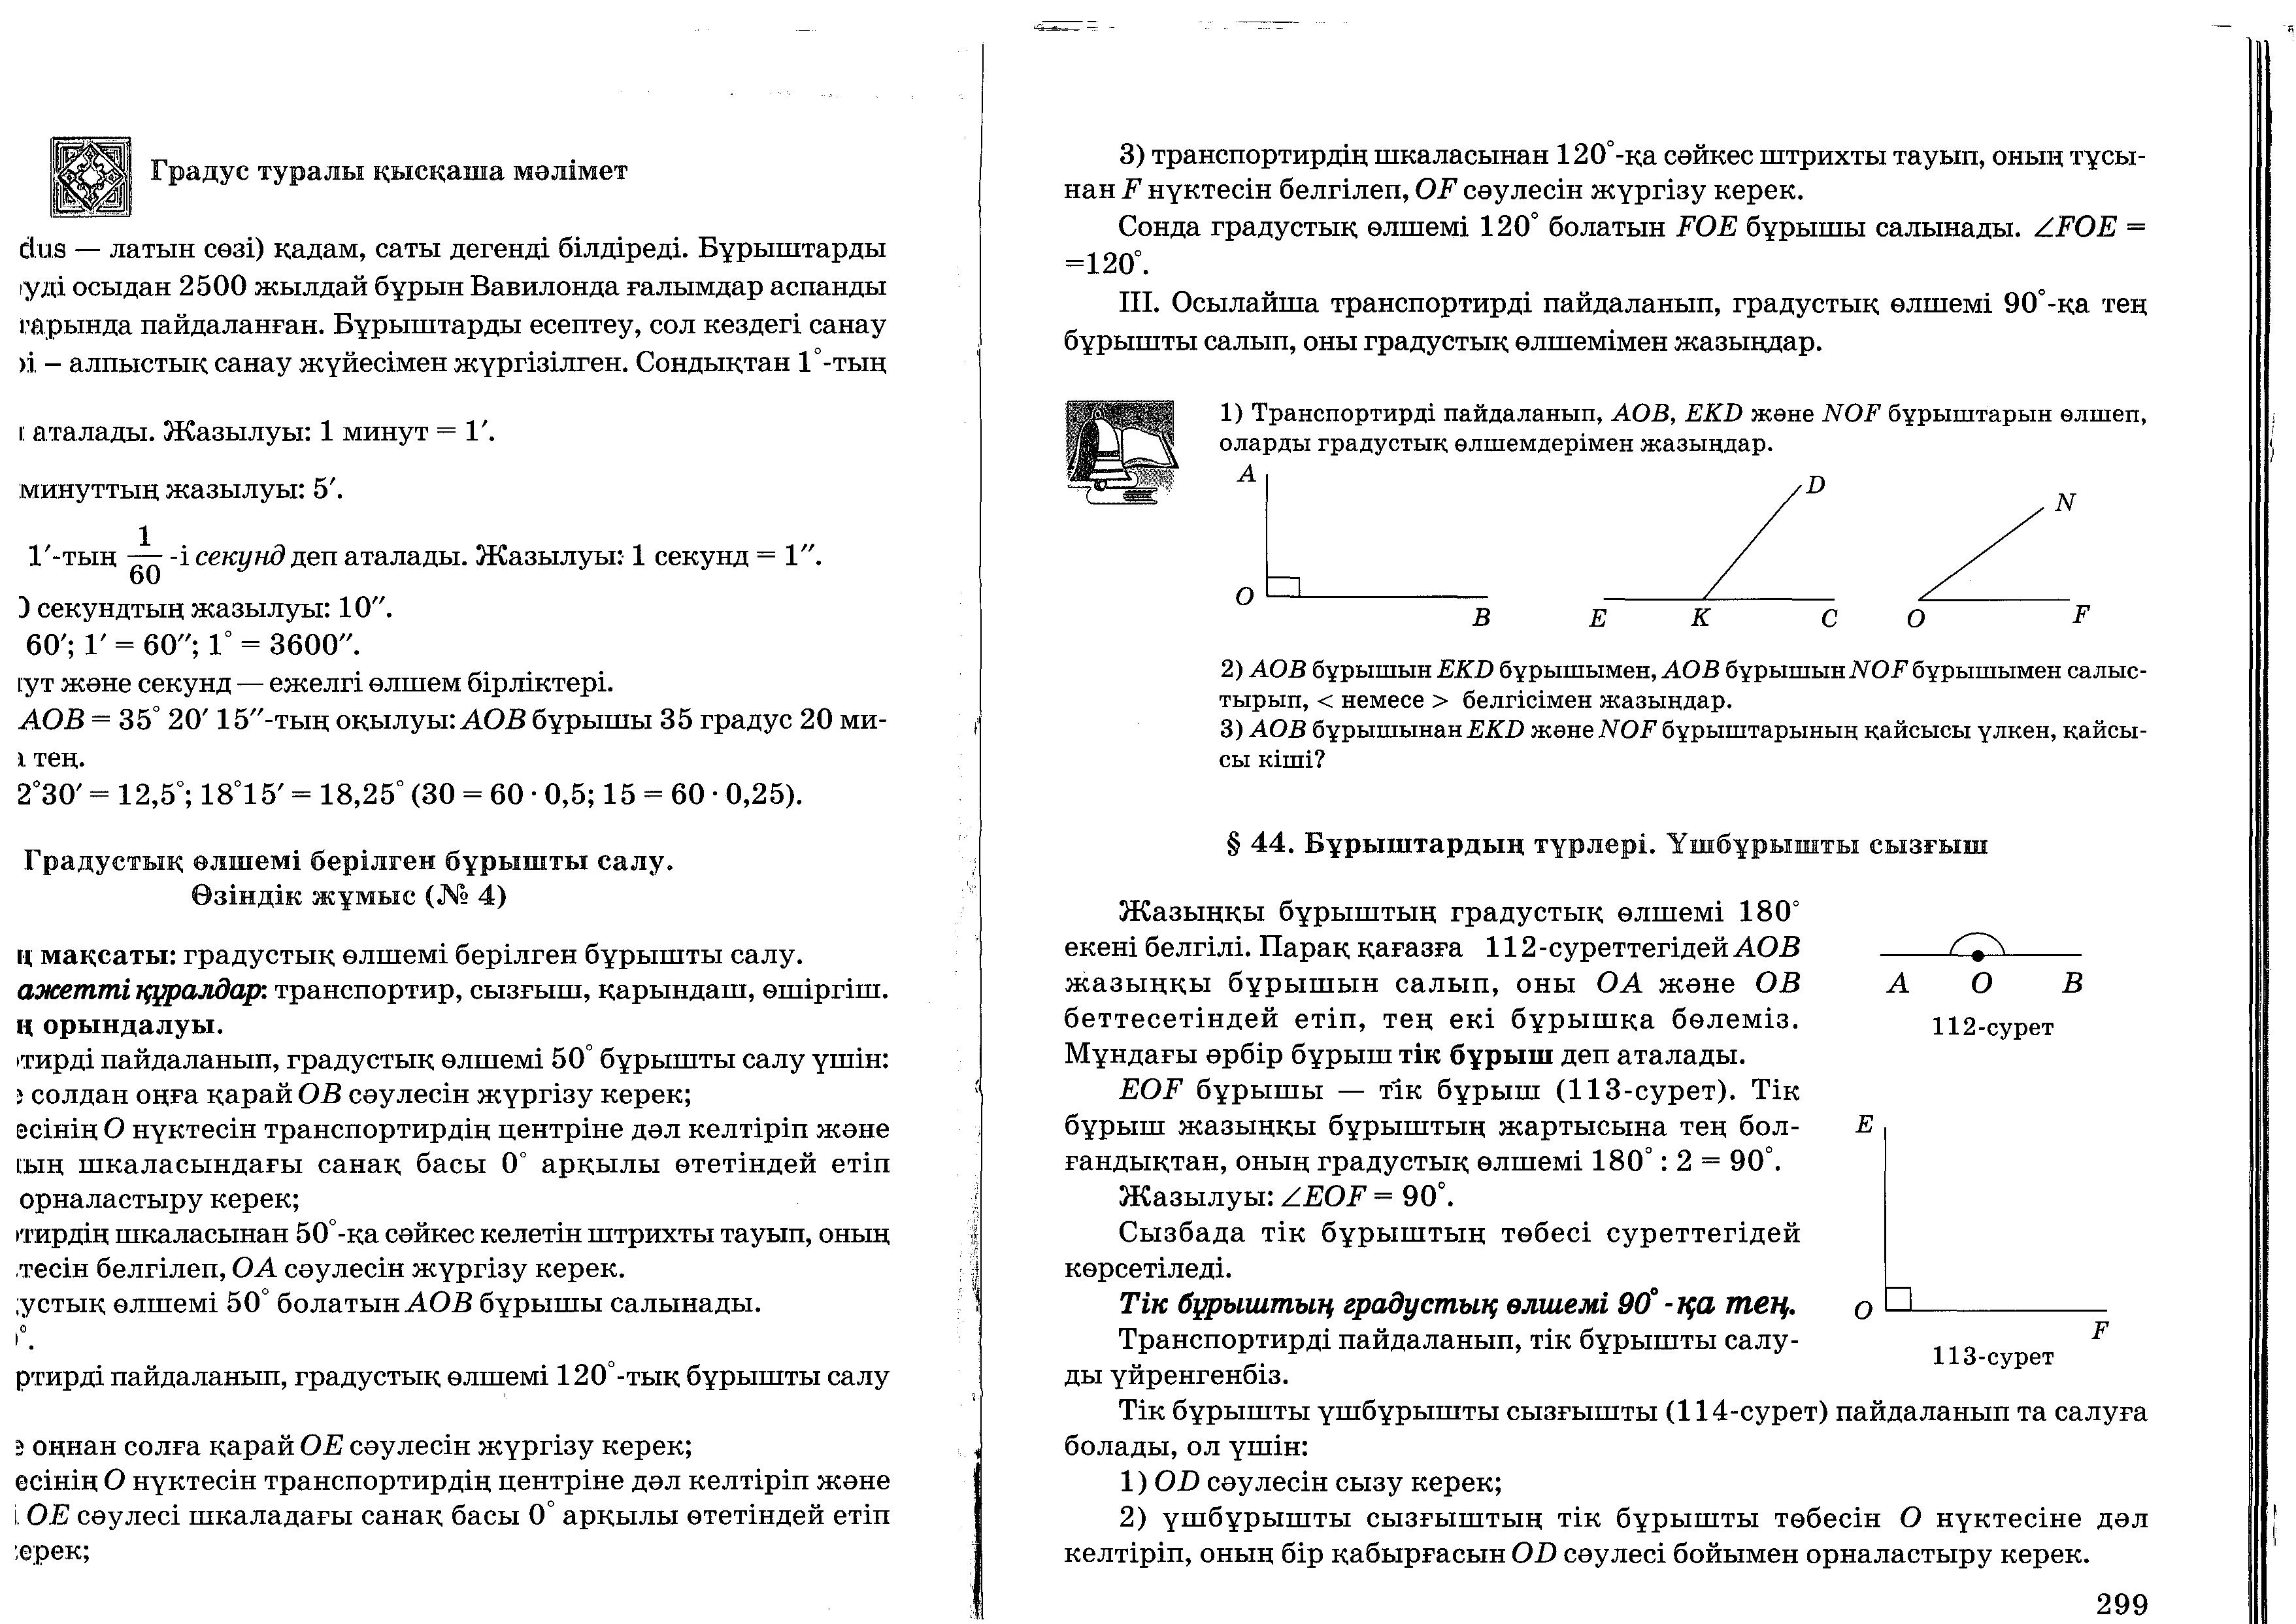 C:\Users\computer\Desktop\курс2\матем\Отсканировано 03.05.2012 14-03 (15).bmp